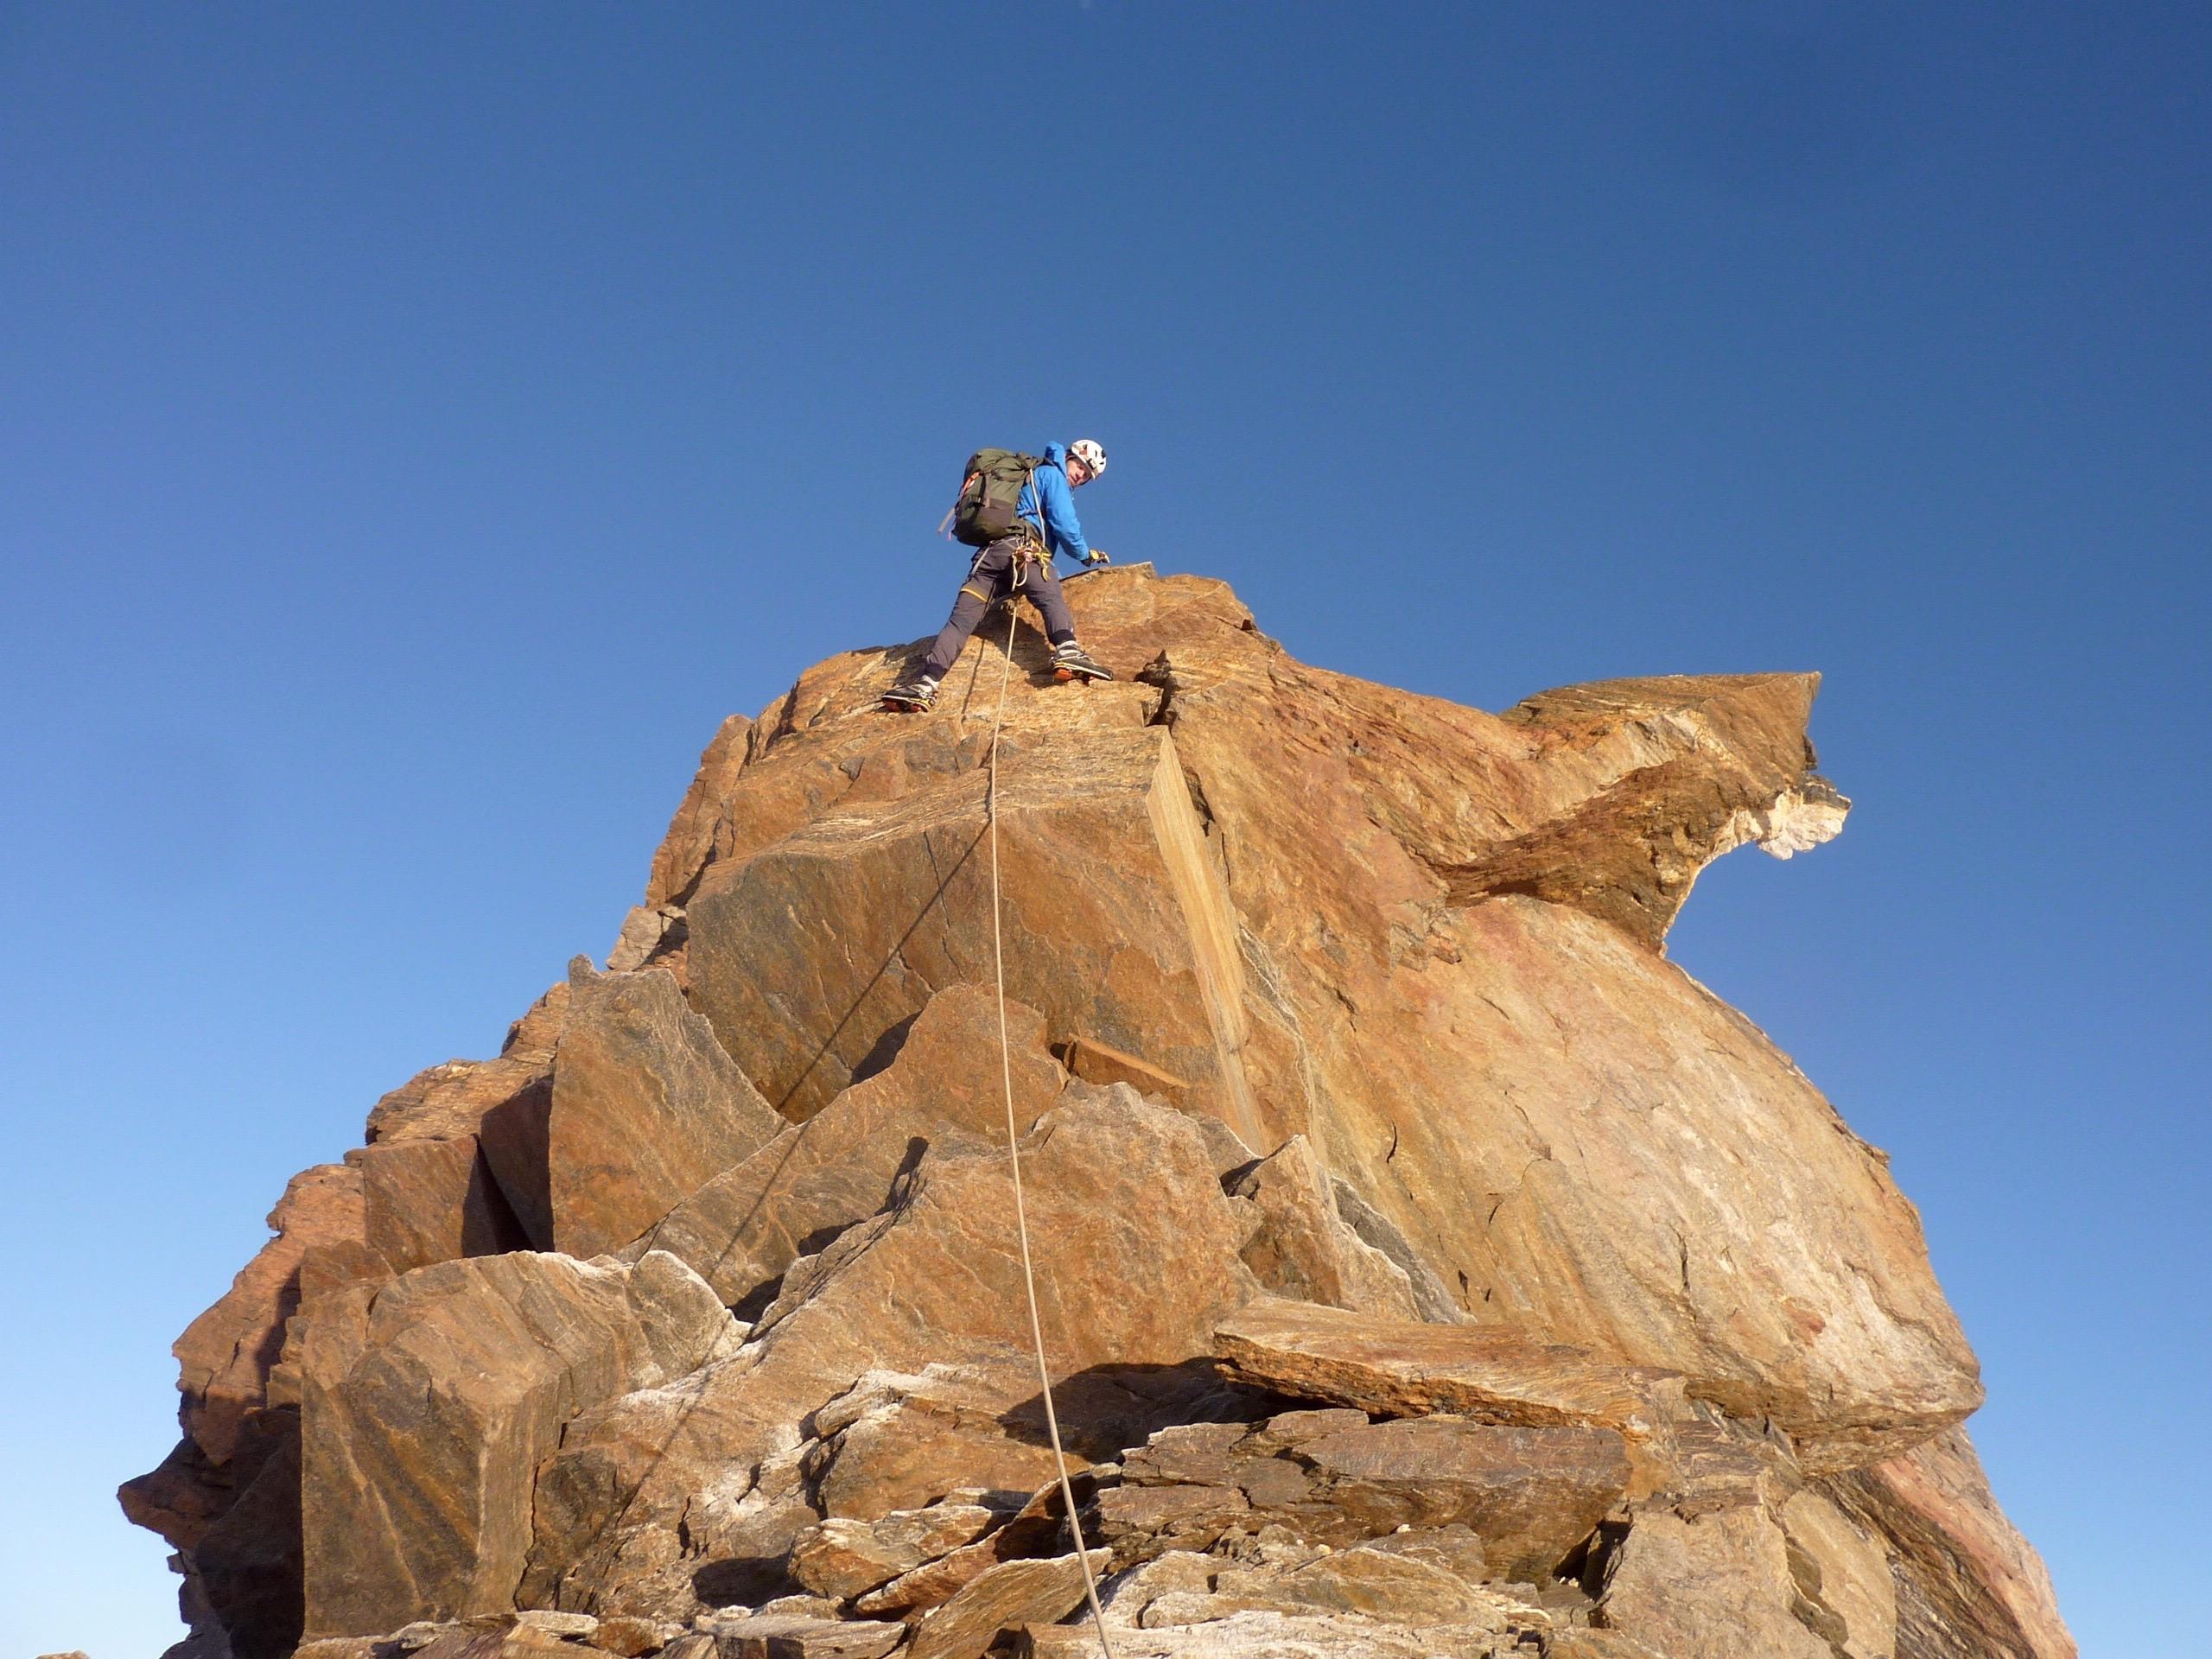 Prachtig rotsklimmen tussen de Grenzgipfel en de Dufourspitze